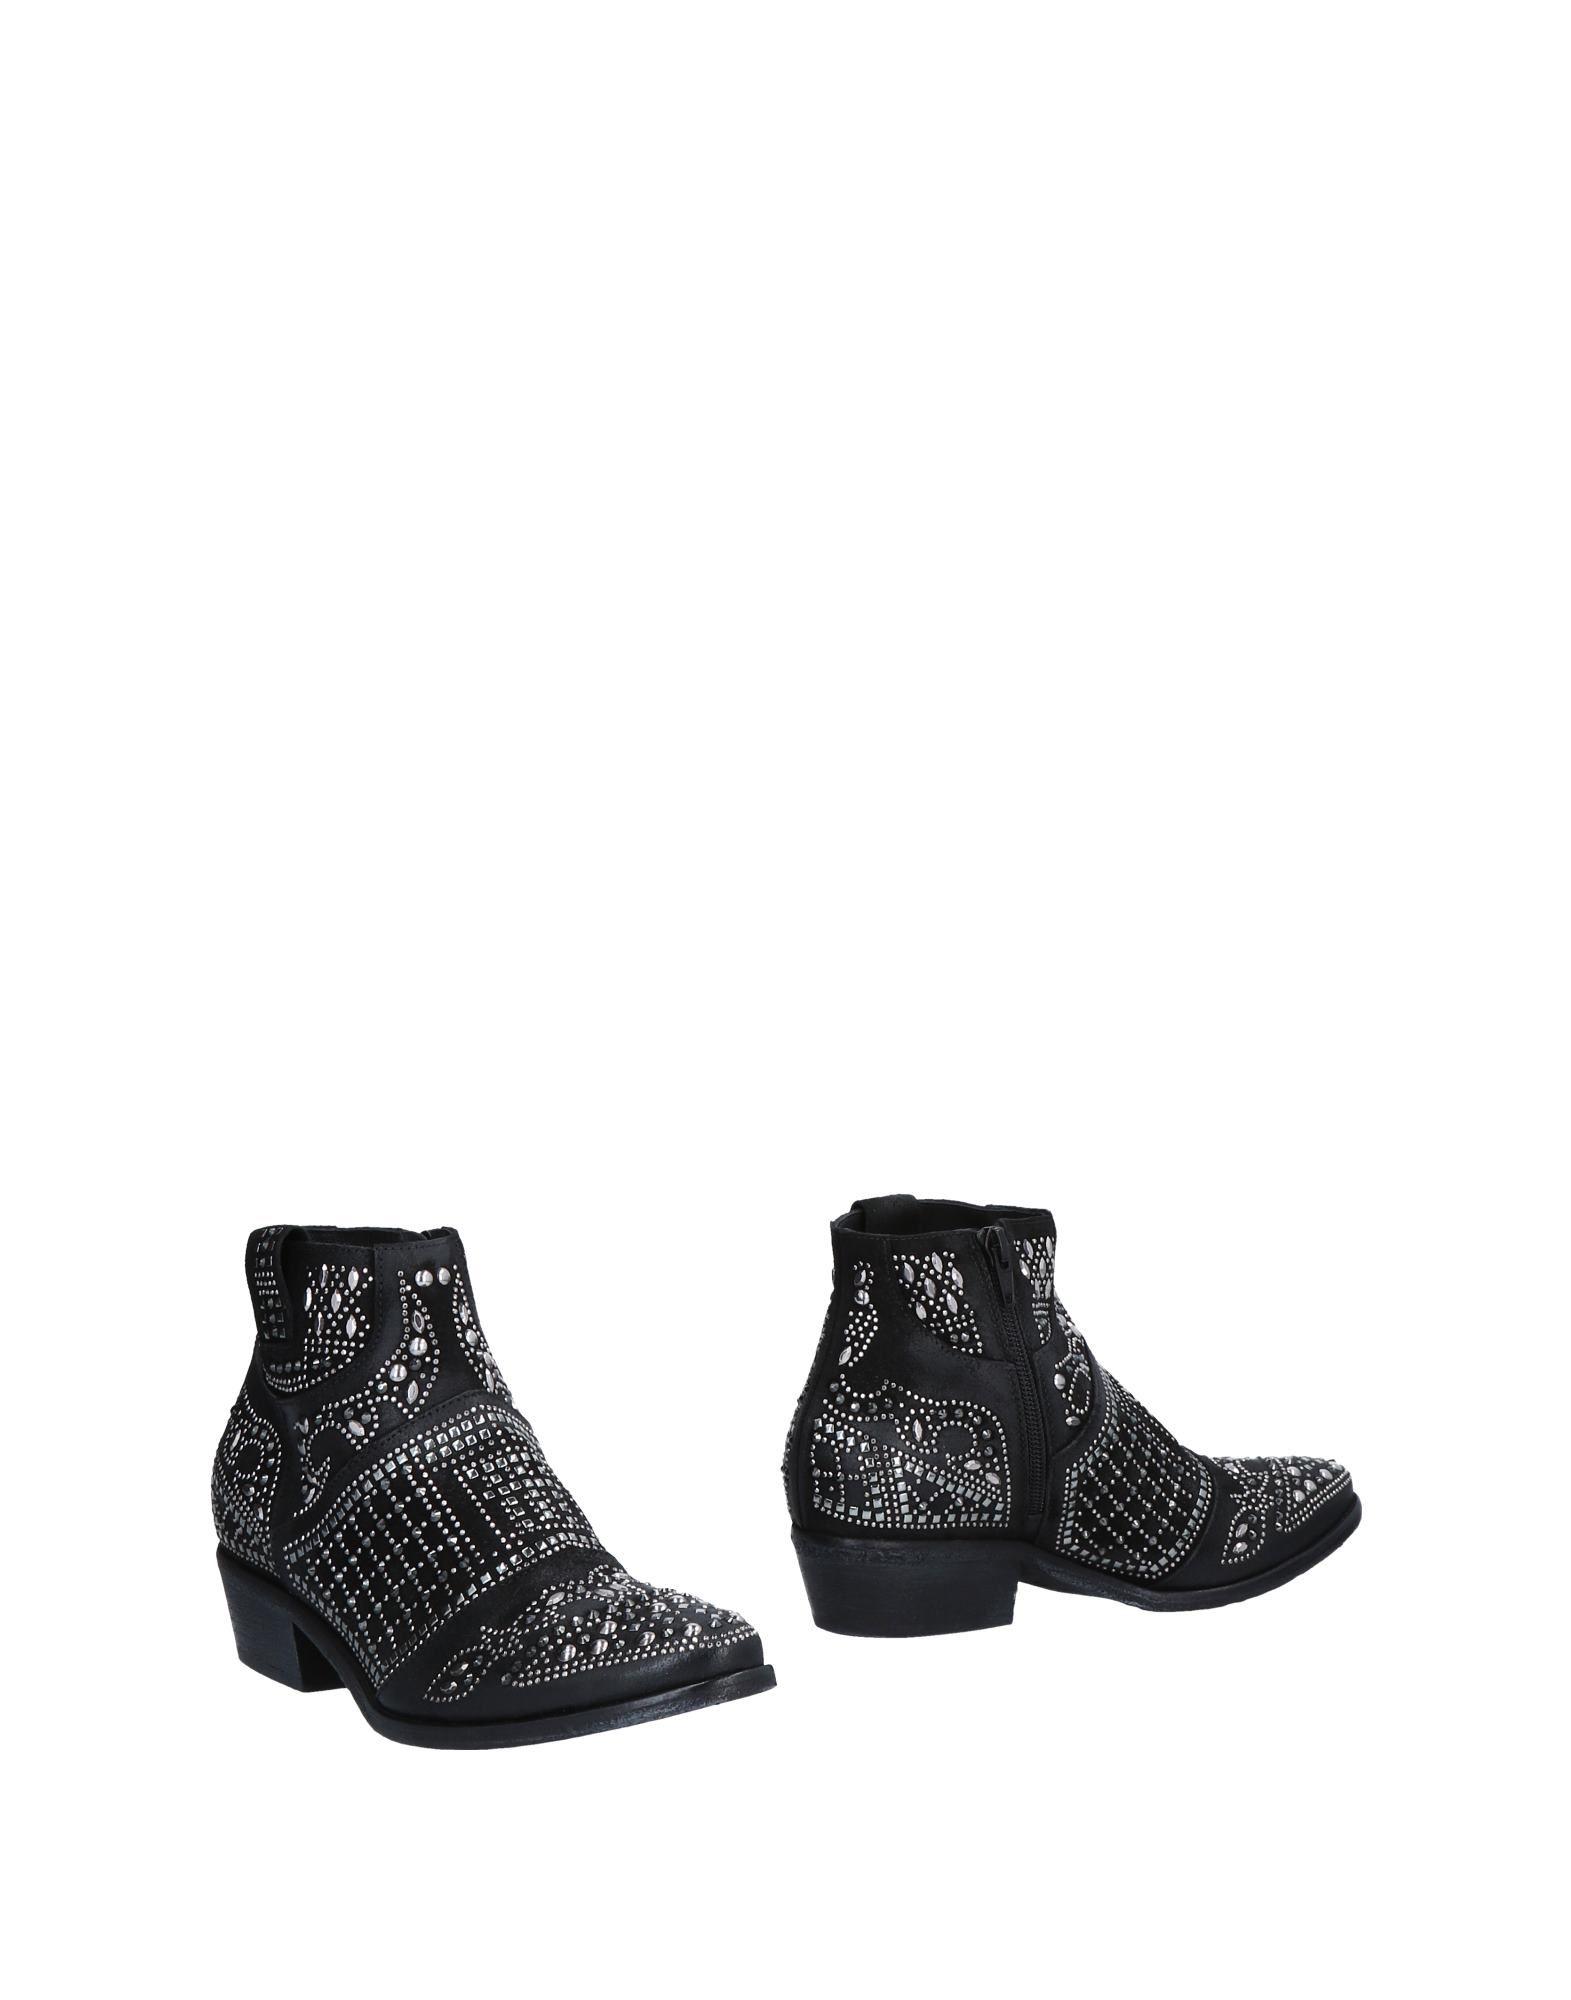 Rabatt Schuhe Bruschi Stiefelette Damen   Damen 11486103QO 3308a7